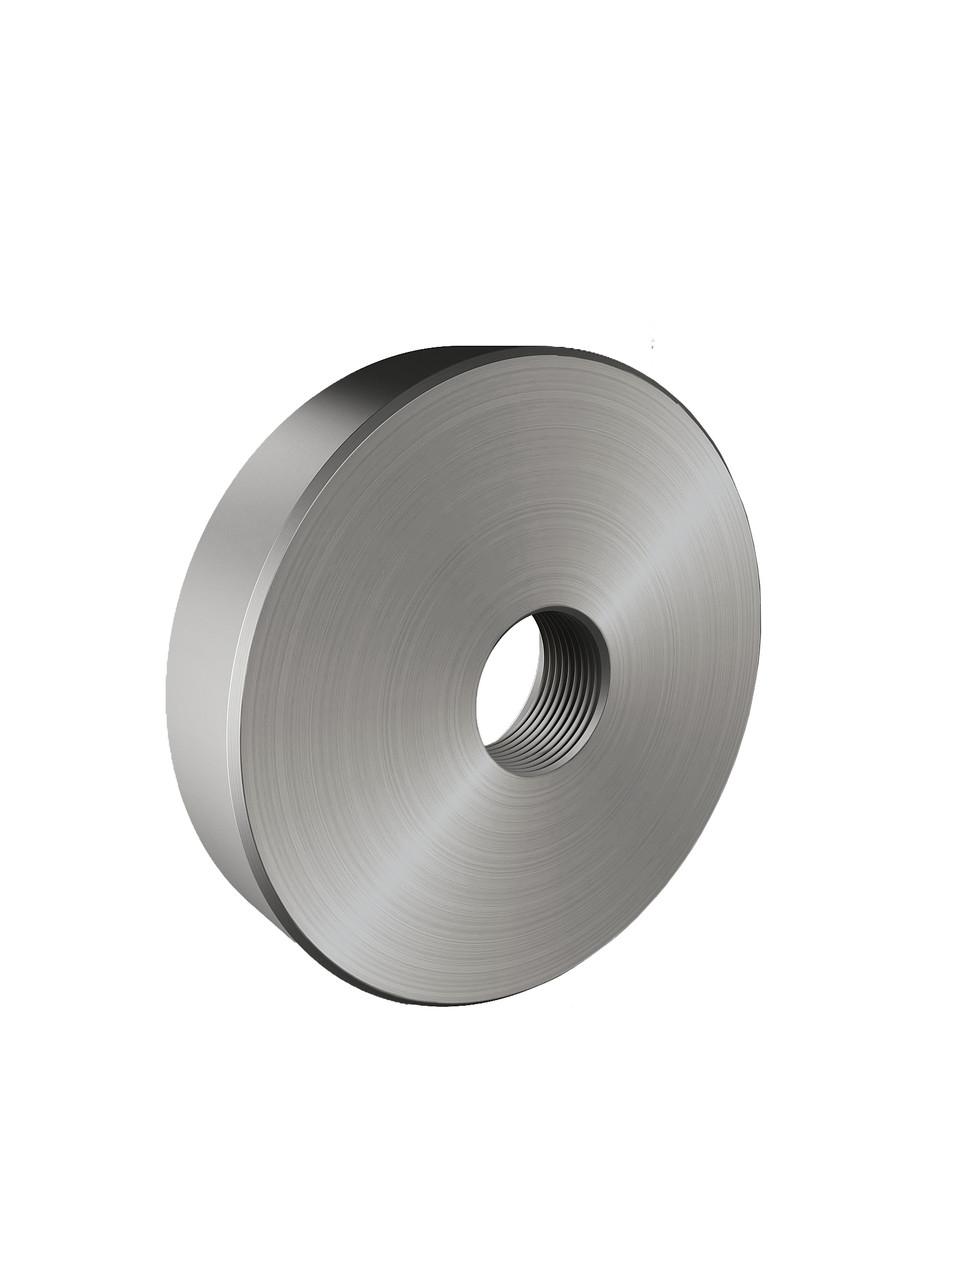 ODF-06-26-01-L10 Дистанція 10 мм для коннектора діаметром 40 мм з різьбою М10